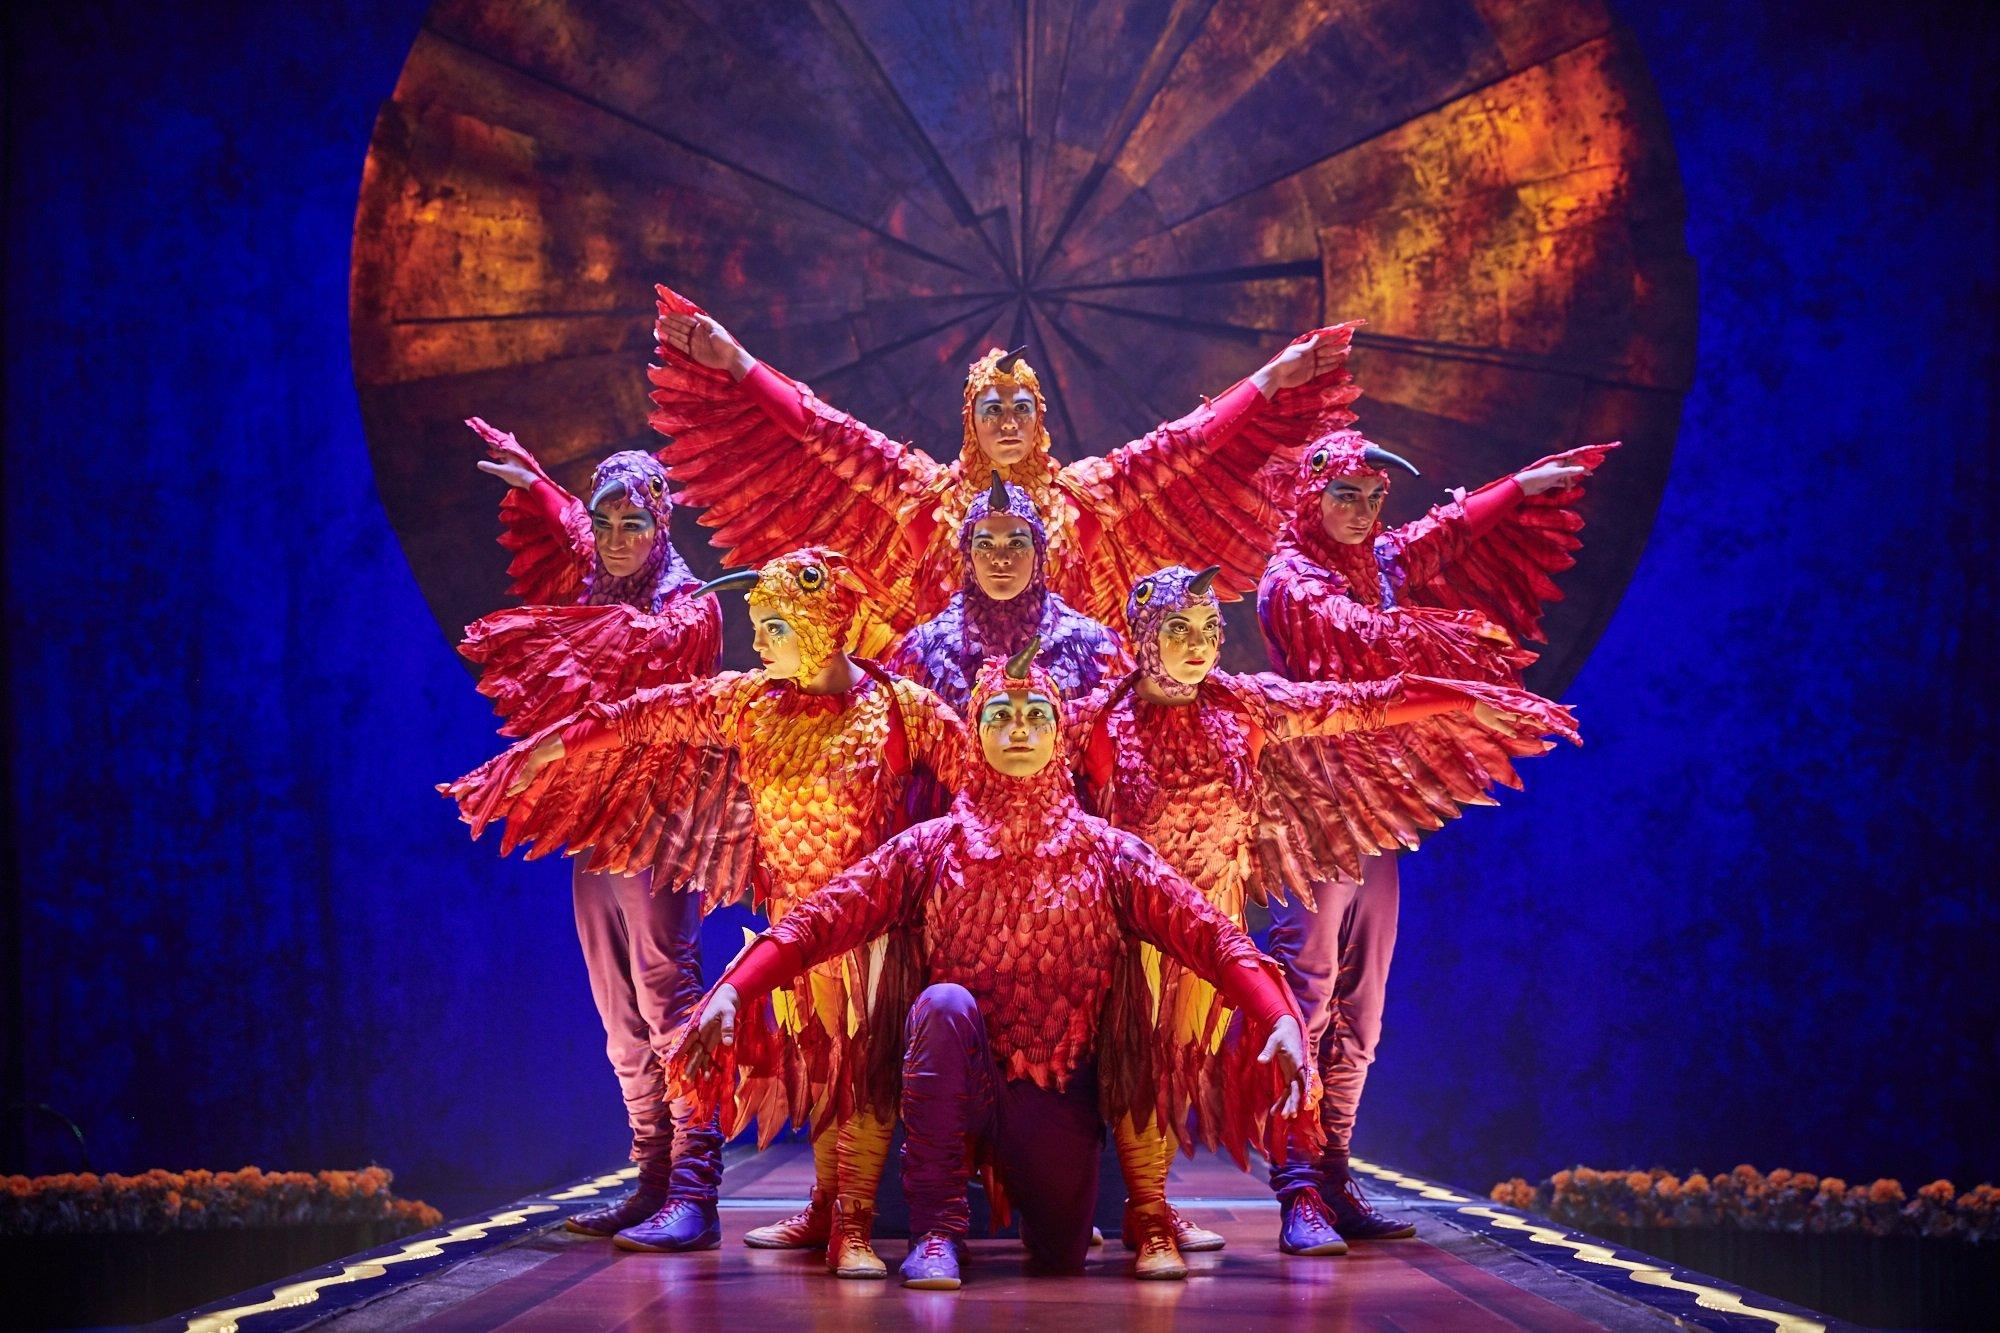 Cirque du Soleil tendrá su residencia en Downtown de Punta Cana